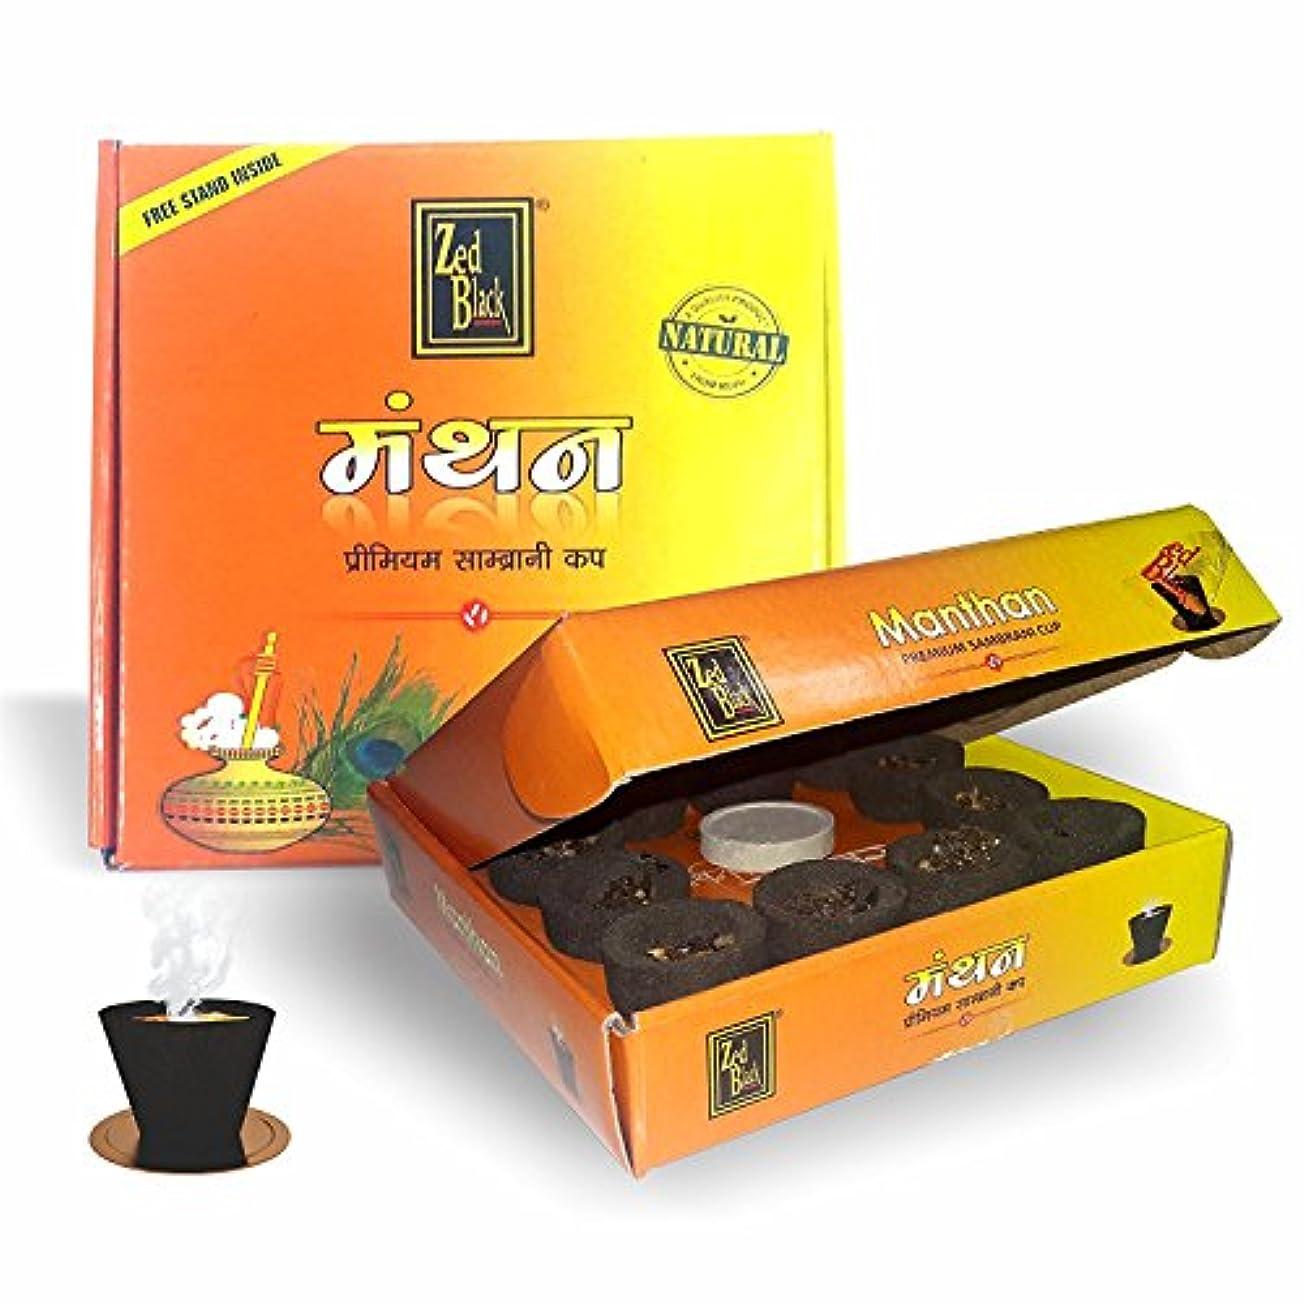 コカイン平らな落胆させるZedブラックManthanプレミアムsambrani-cup-box (Pack of 2 ) -長持ちPleasingアロマカップの日常使用